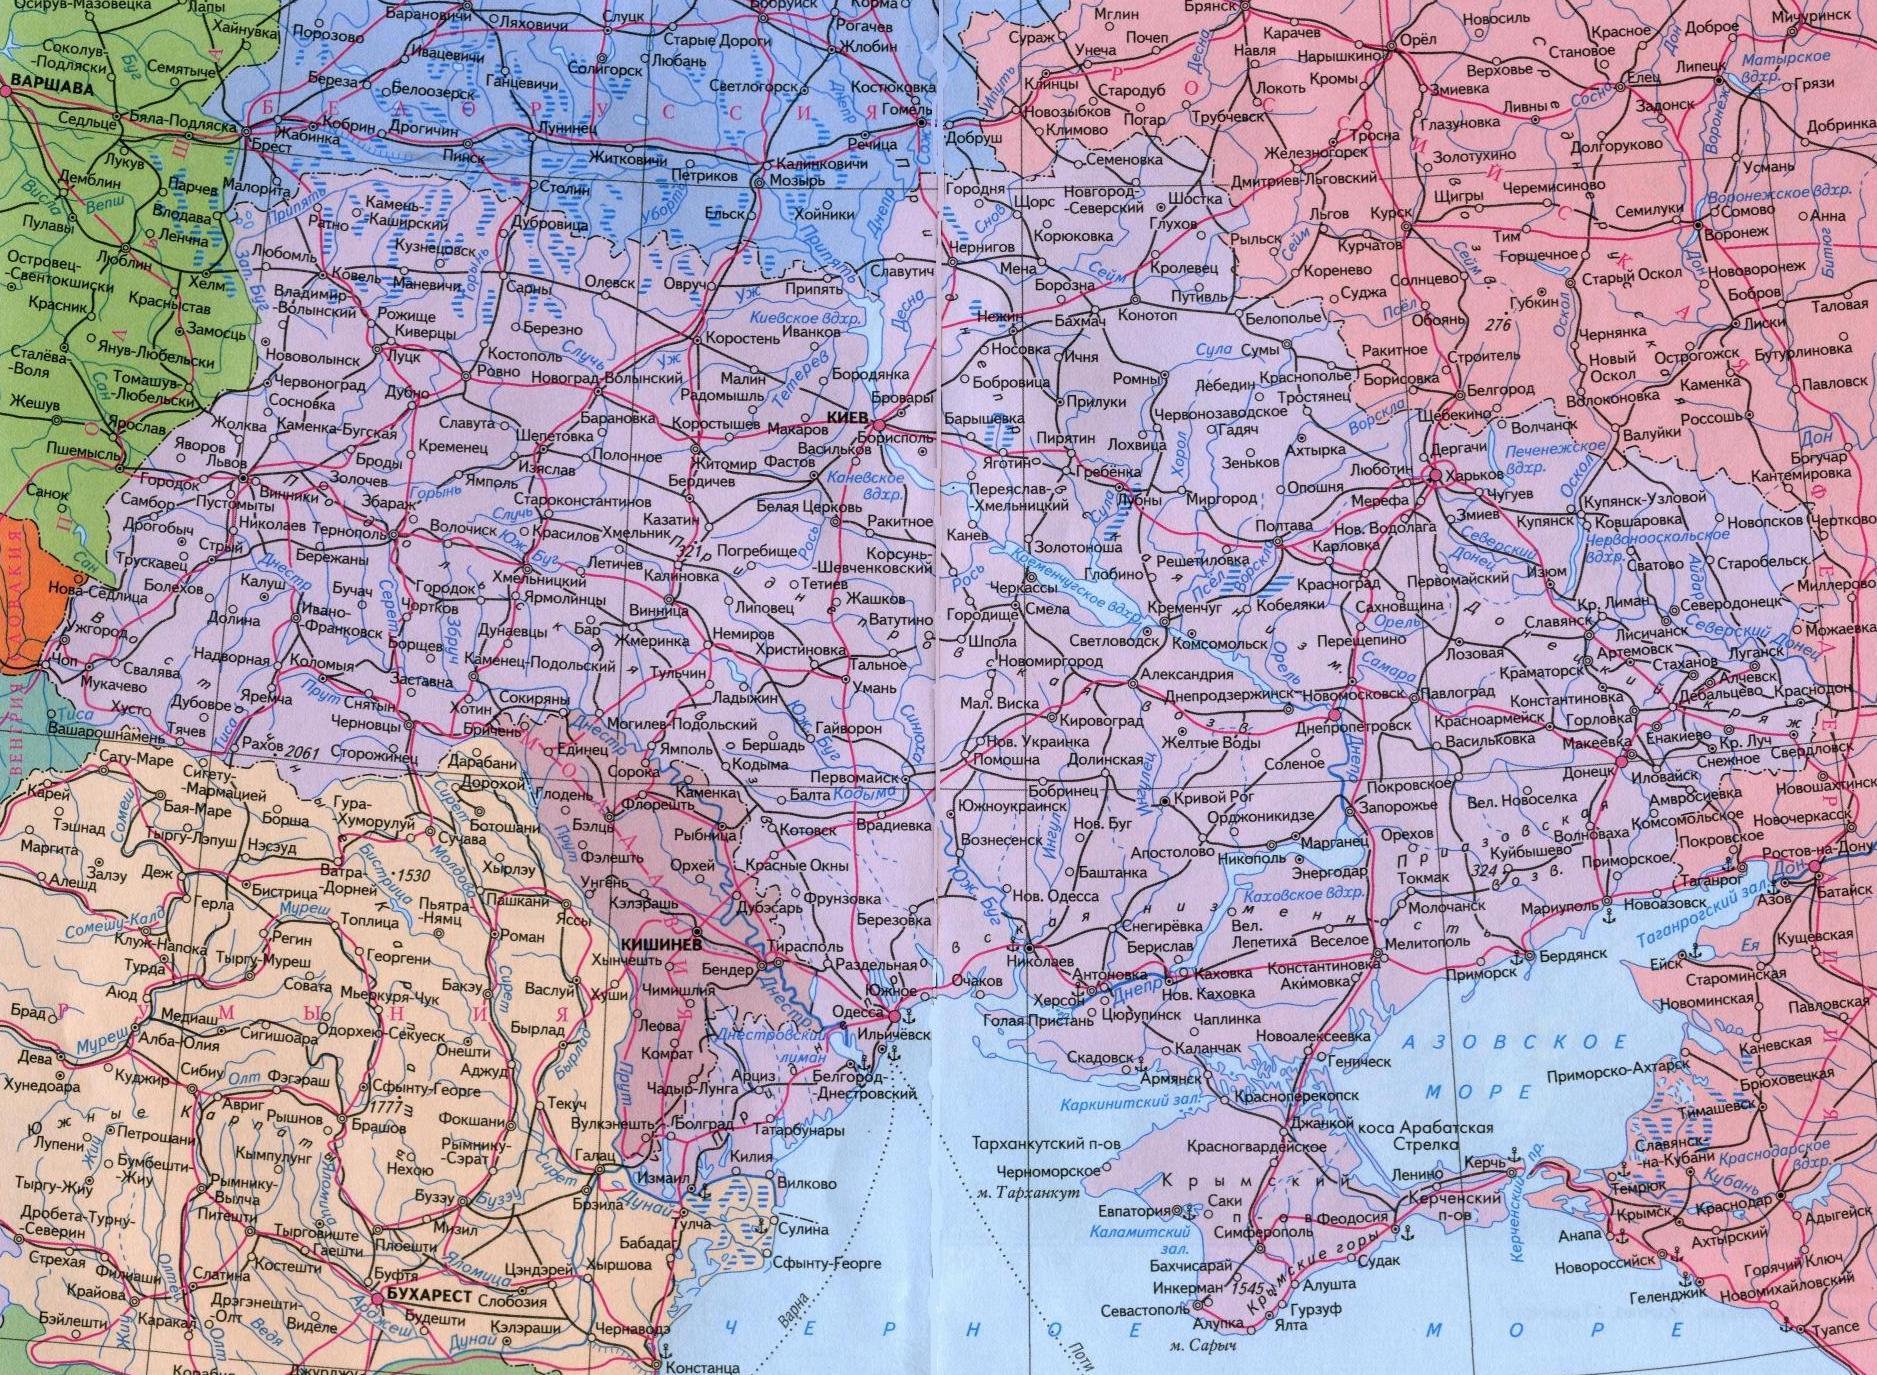 Скачать онлайн карта россии географическая